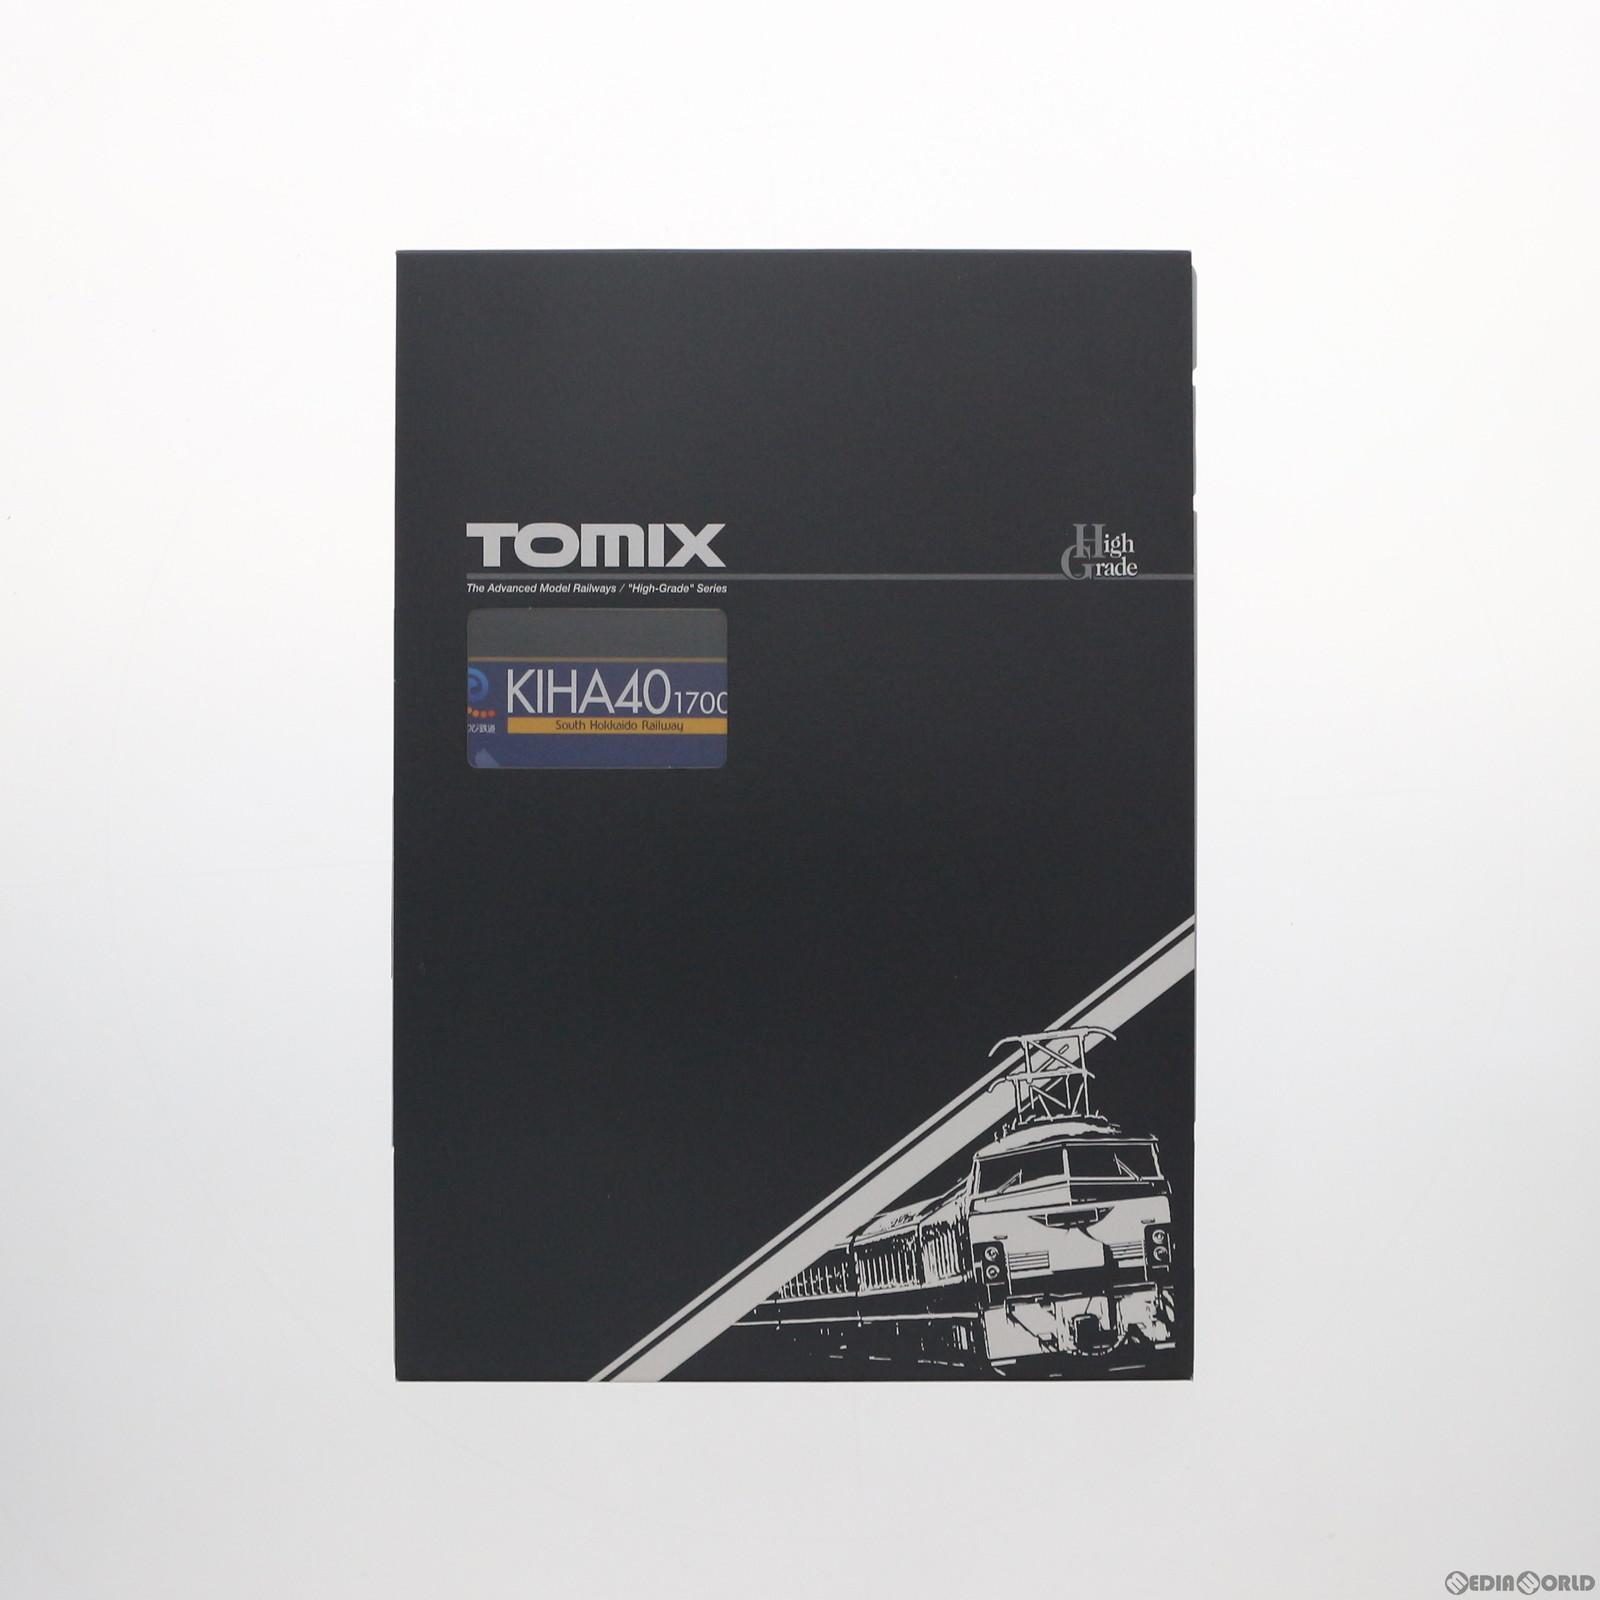 【予約安心発送】[RWM]98336 道南いさりび鉄道 キハ40-1700形ディーゼルカーセット(3両) Nゲージ 鉄道模型 TOMIX(トミックス)(2019年6月)